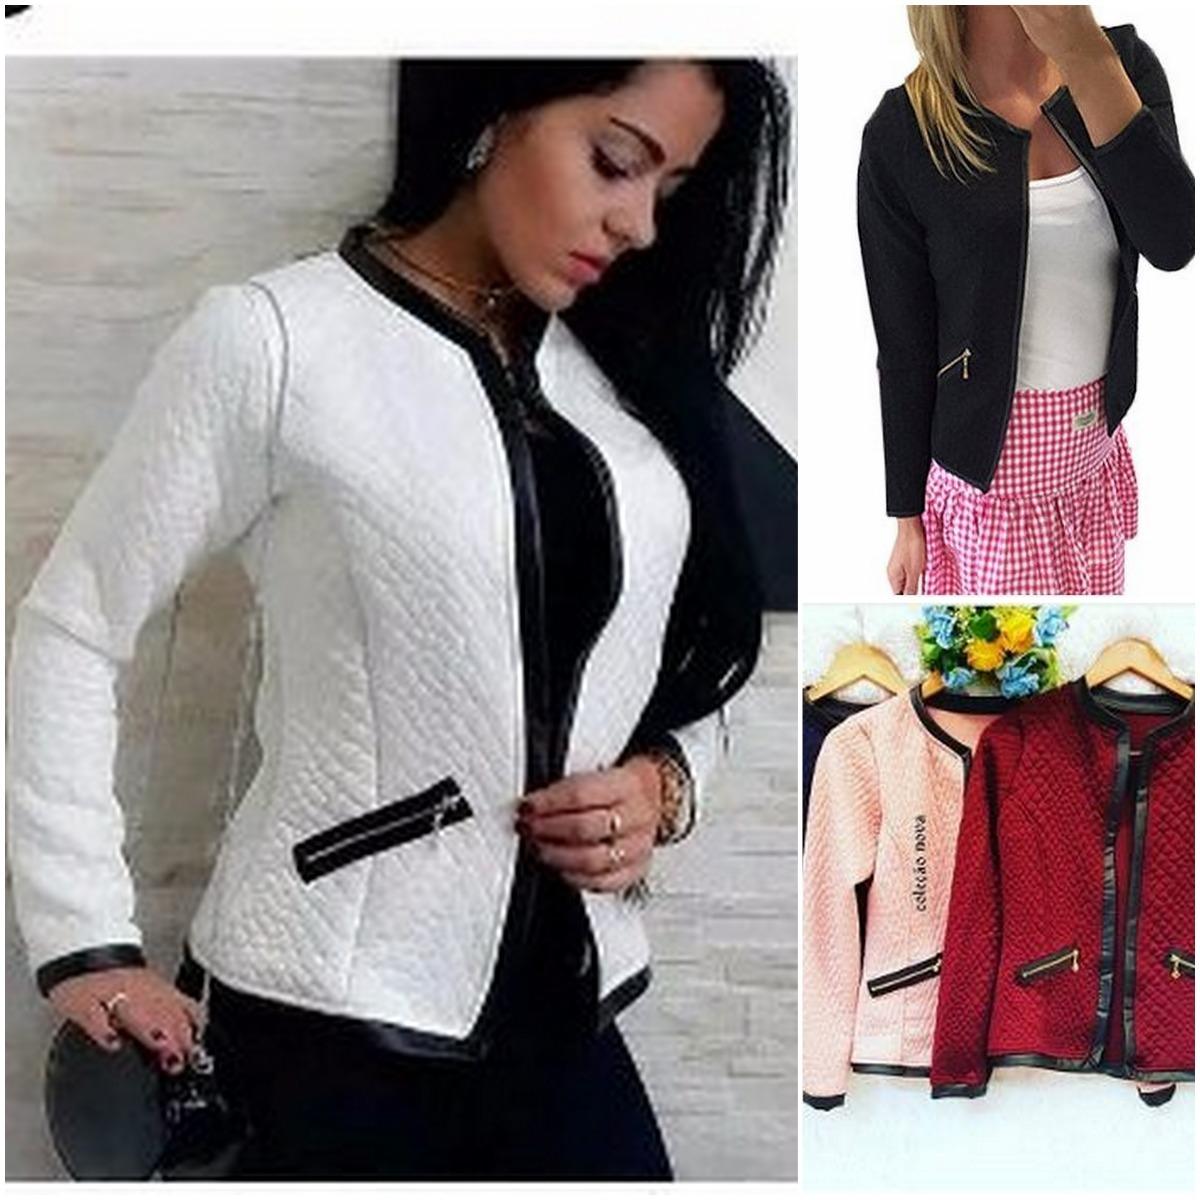 a2f353b93f casaco feminino blusa de frio jaqueta outono inverno corino. Carregando  zoom.